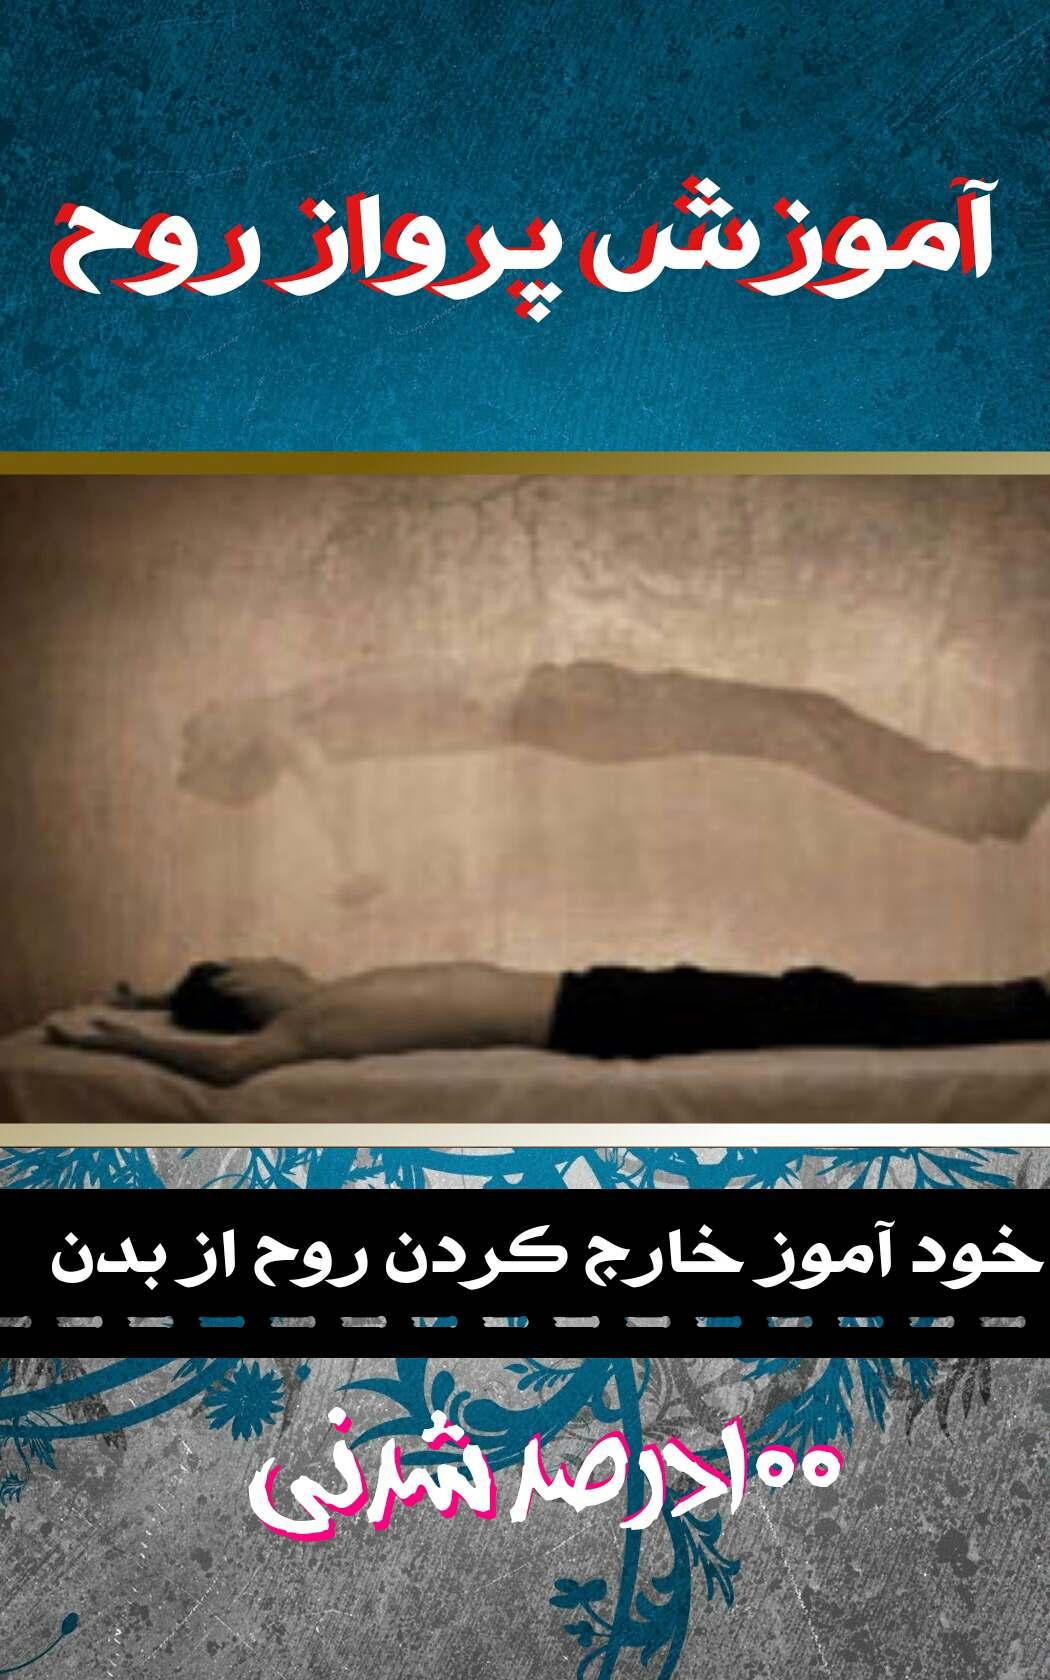 دانلود کتاب آموزش پرواز روح(خود آموز خارج کردن روح از بدن در 30جلسه)